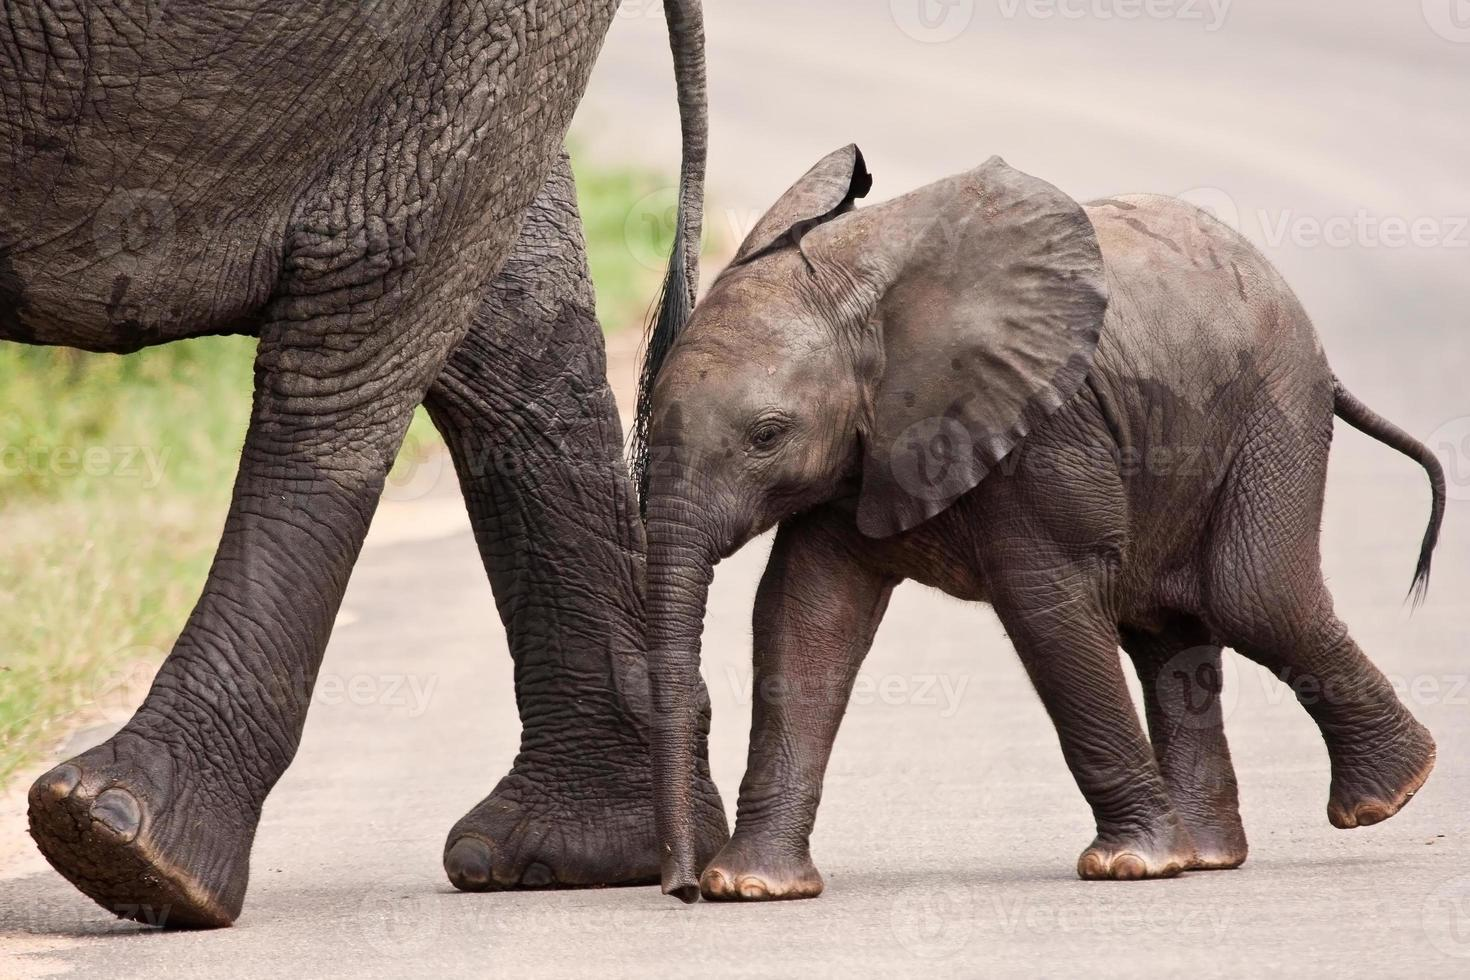 elefante bebê andando além de sua mãe foto